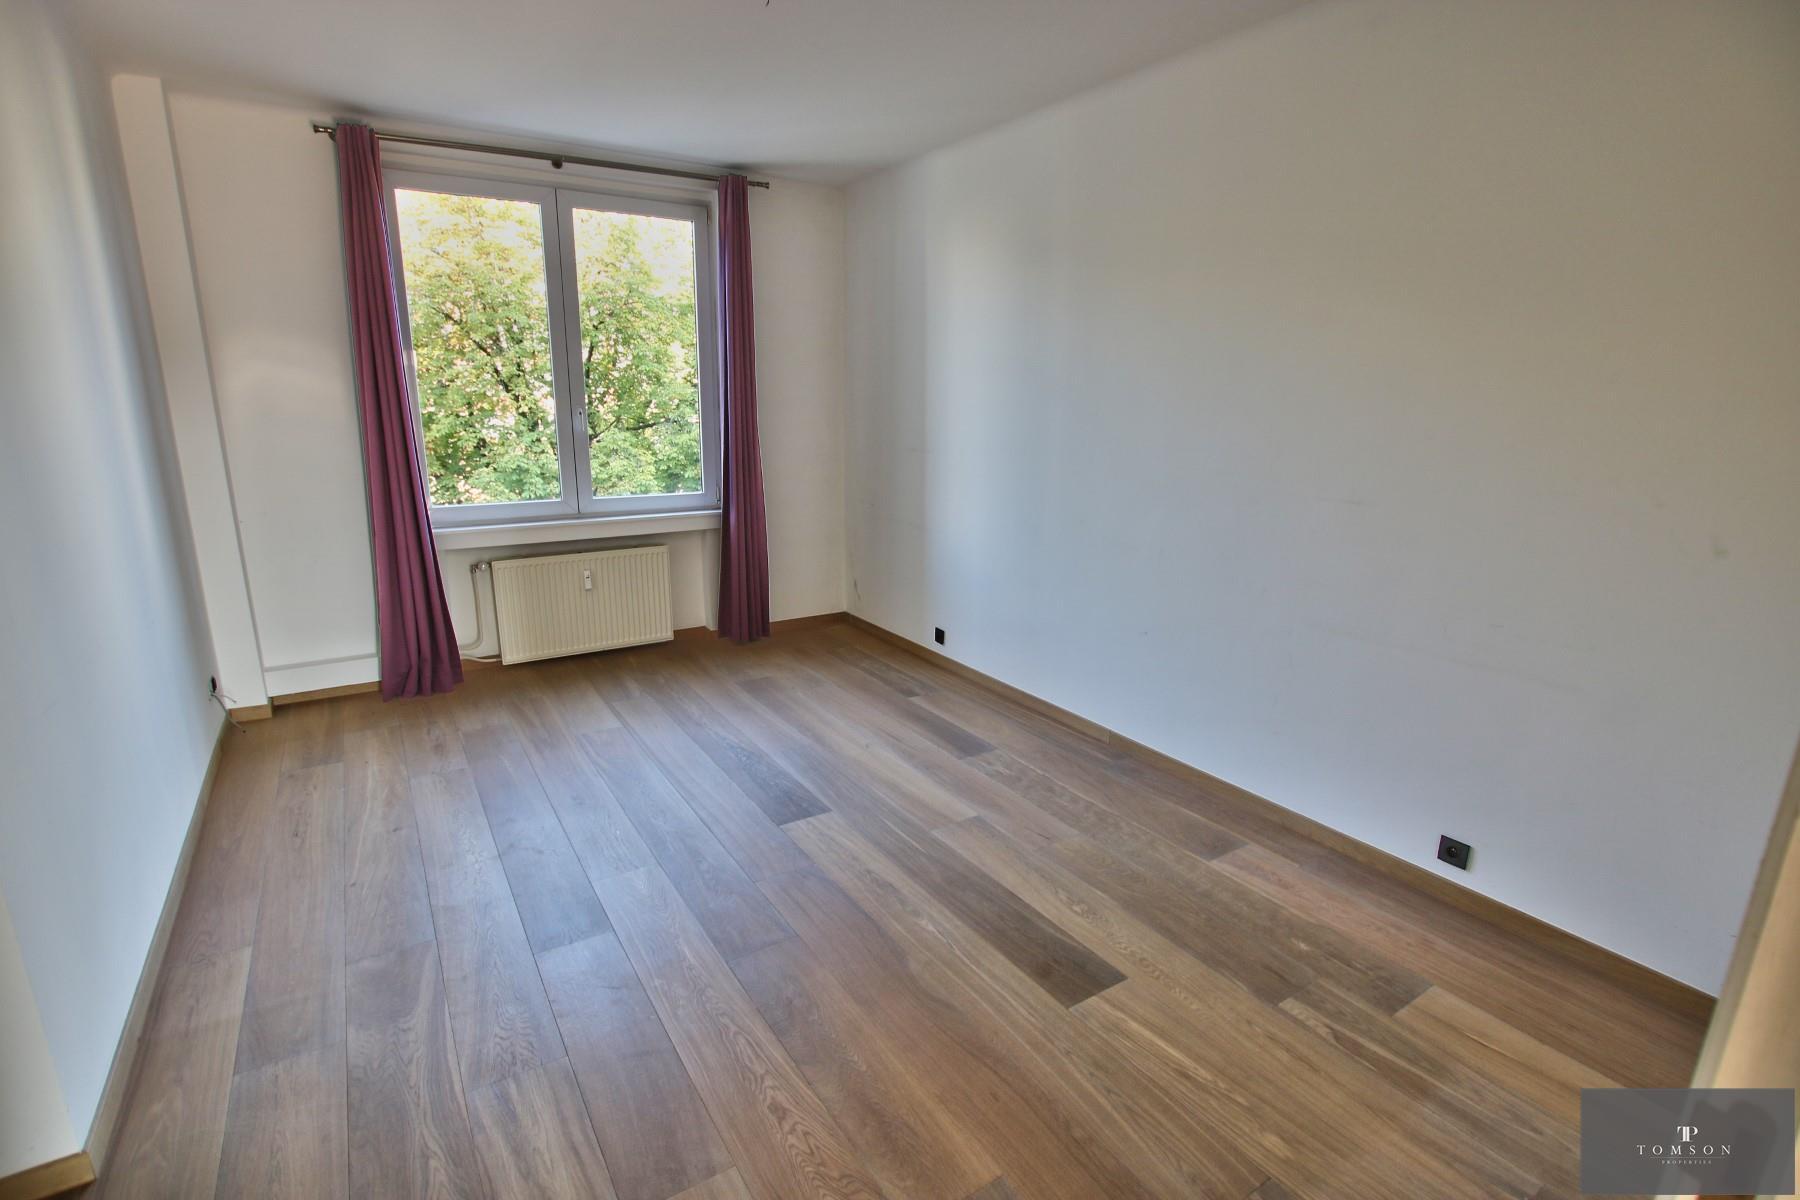 Appartement - Etterbeek - #4304367-7